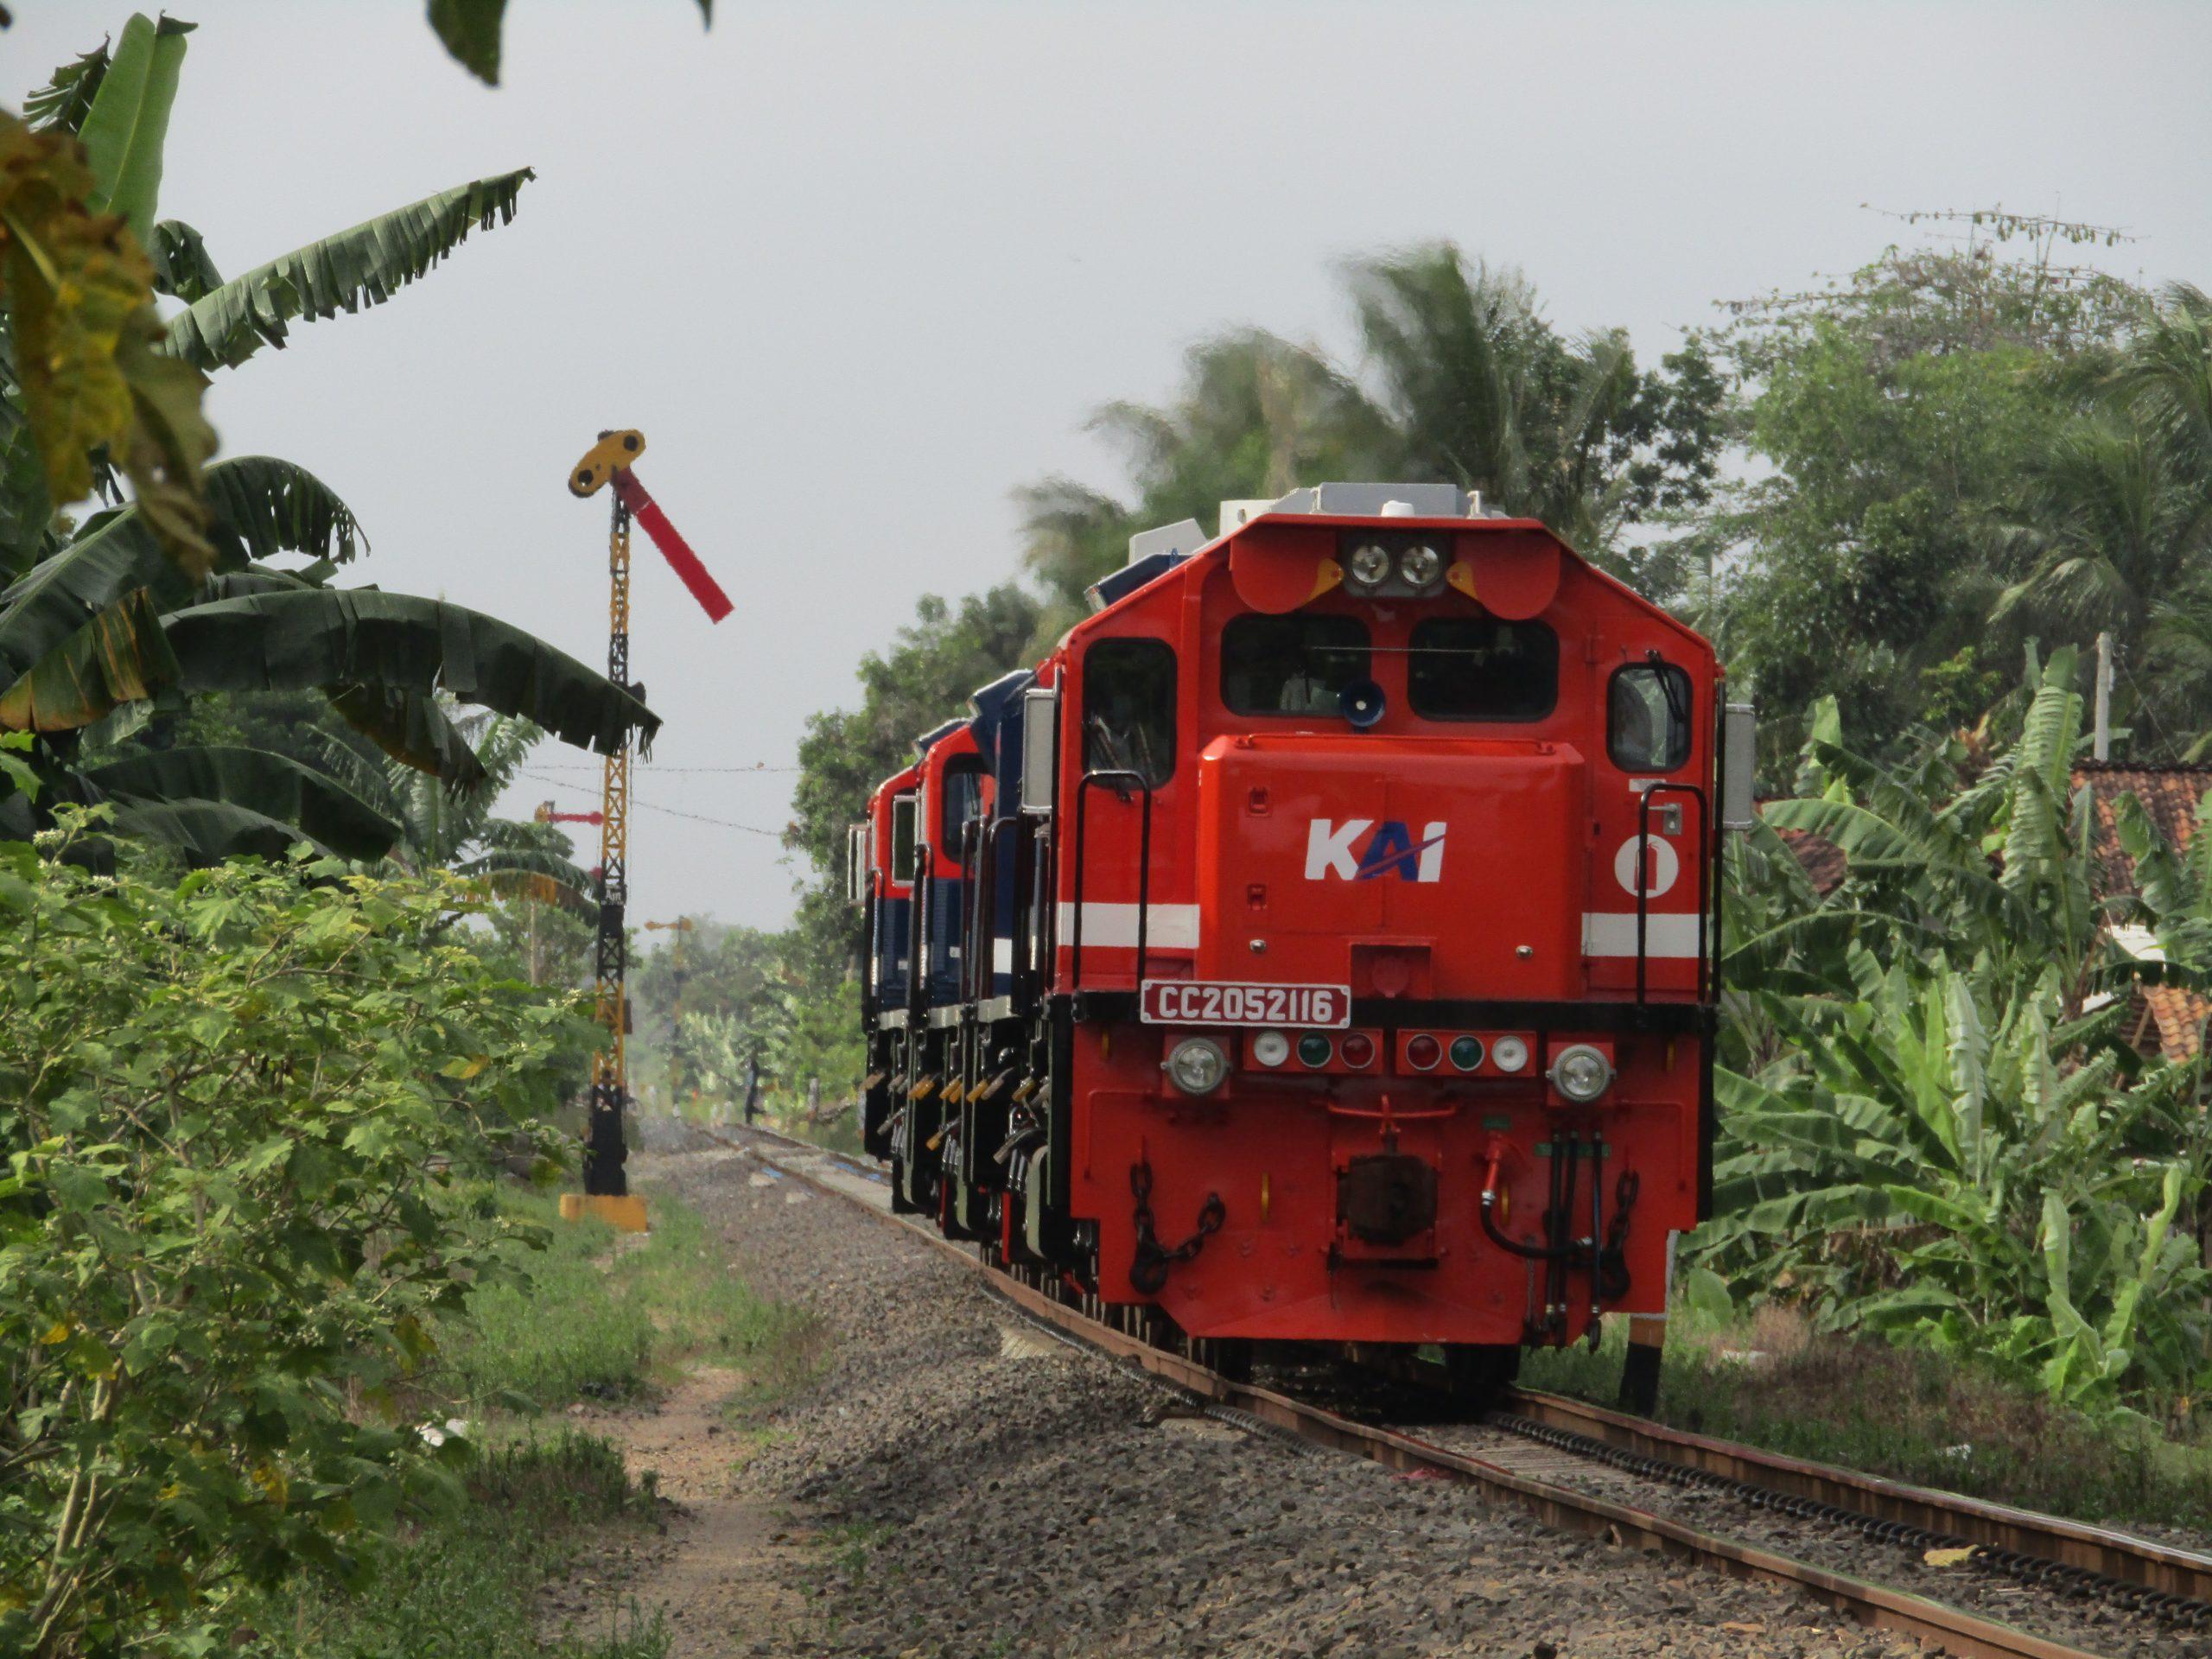 Lokomotif CC205 angkatan 2021